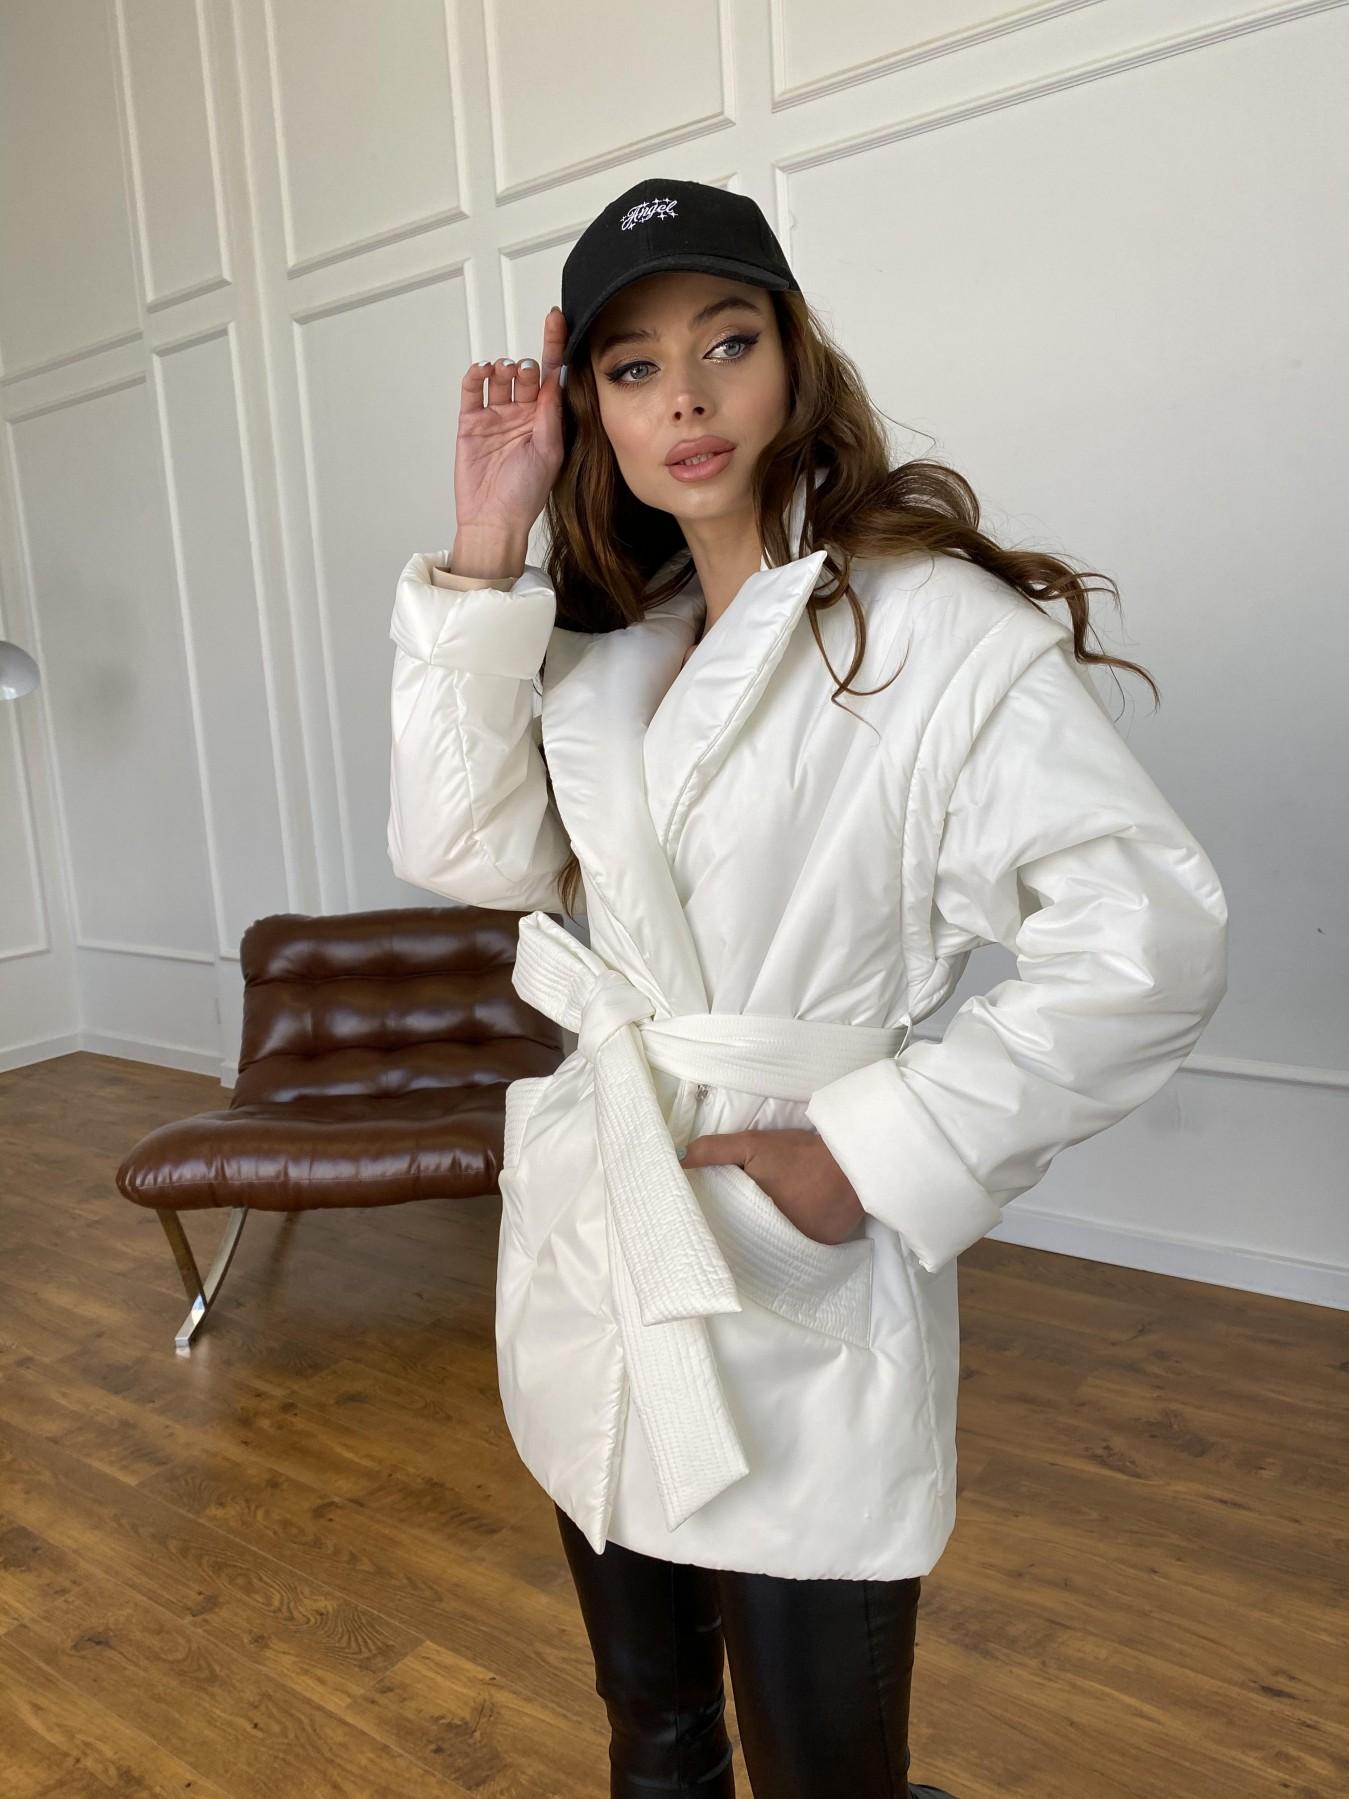 Форбс куртка-жилет из плащевой ткани Ammy  11159 АРТ. 47659 Цвет: Молоко 12 - фото 3, интернет магазин tm-modus.ru